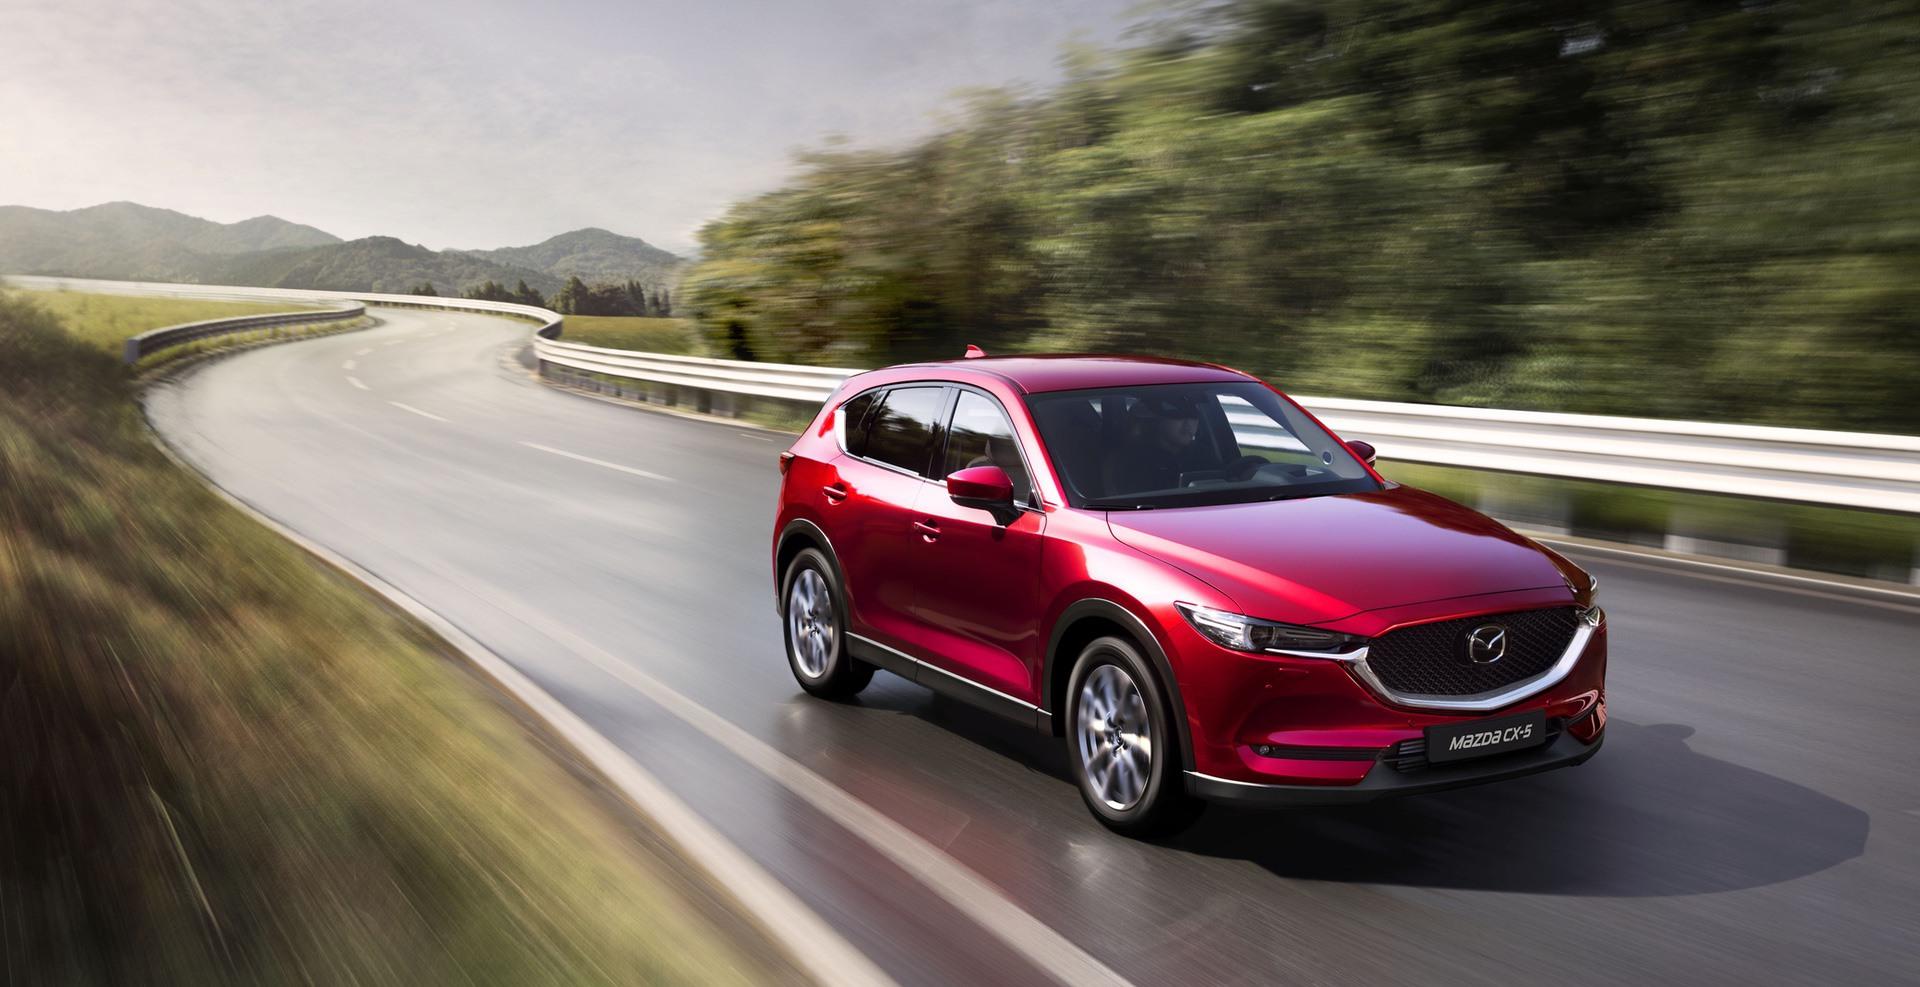 02-2019-Mazda-CX-5-EU-specification